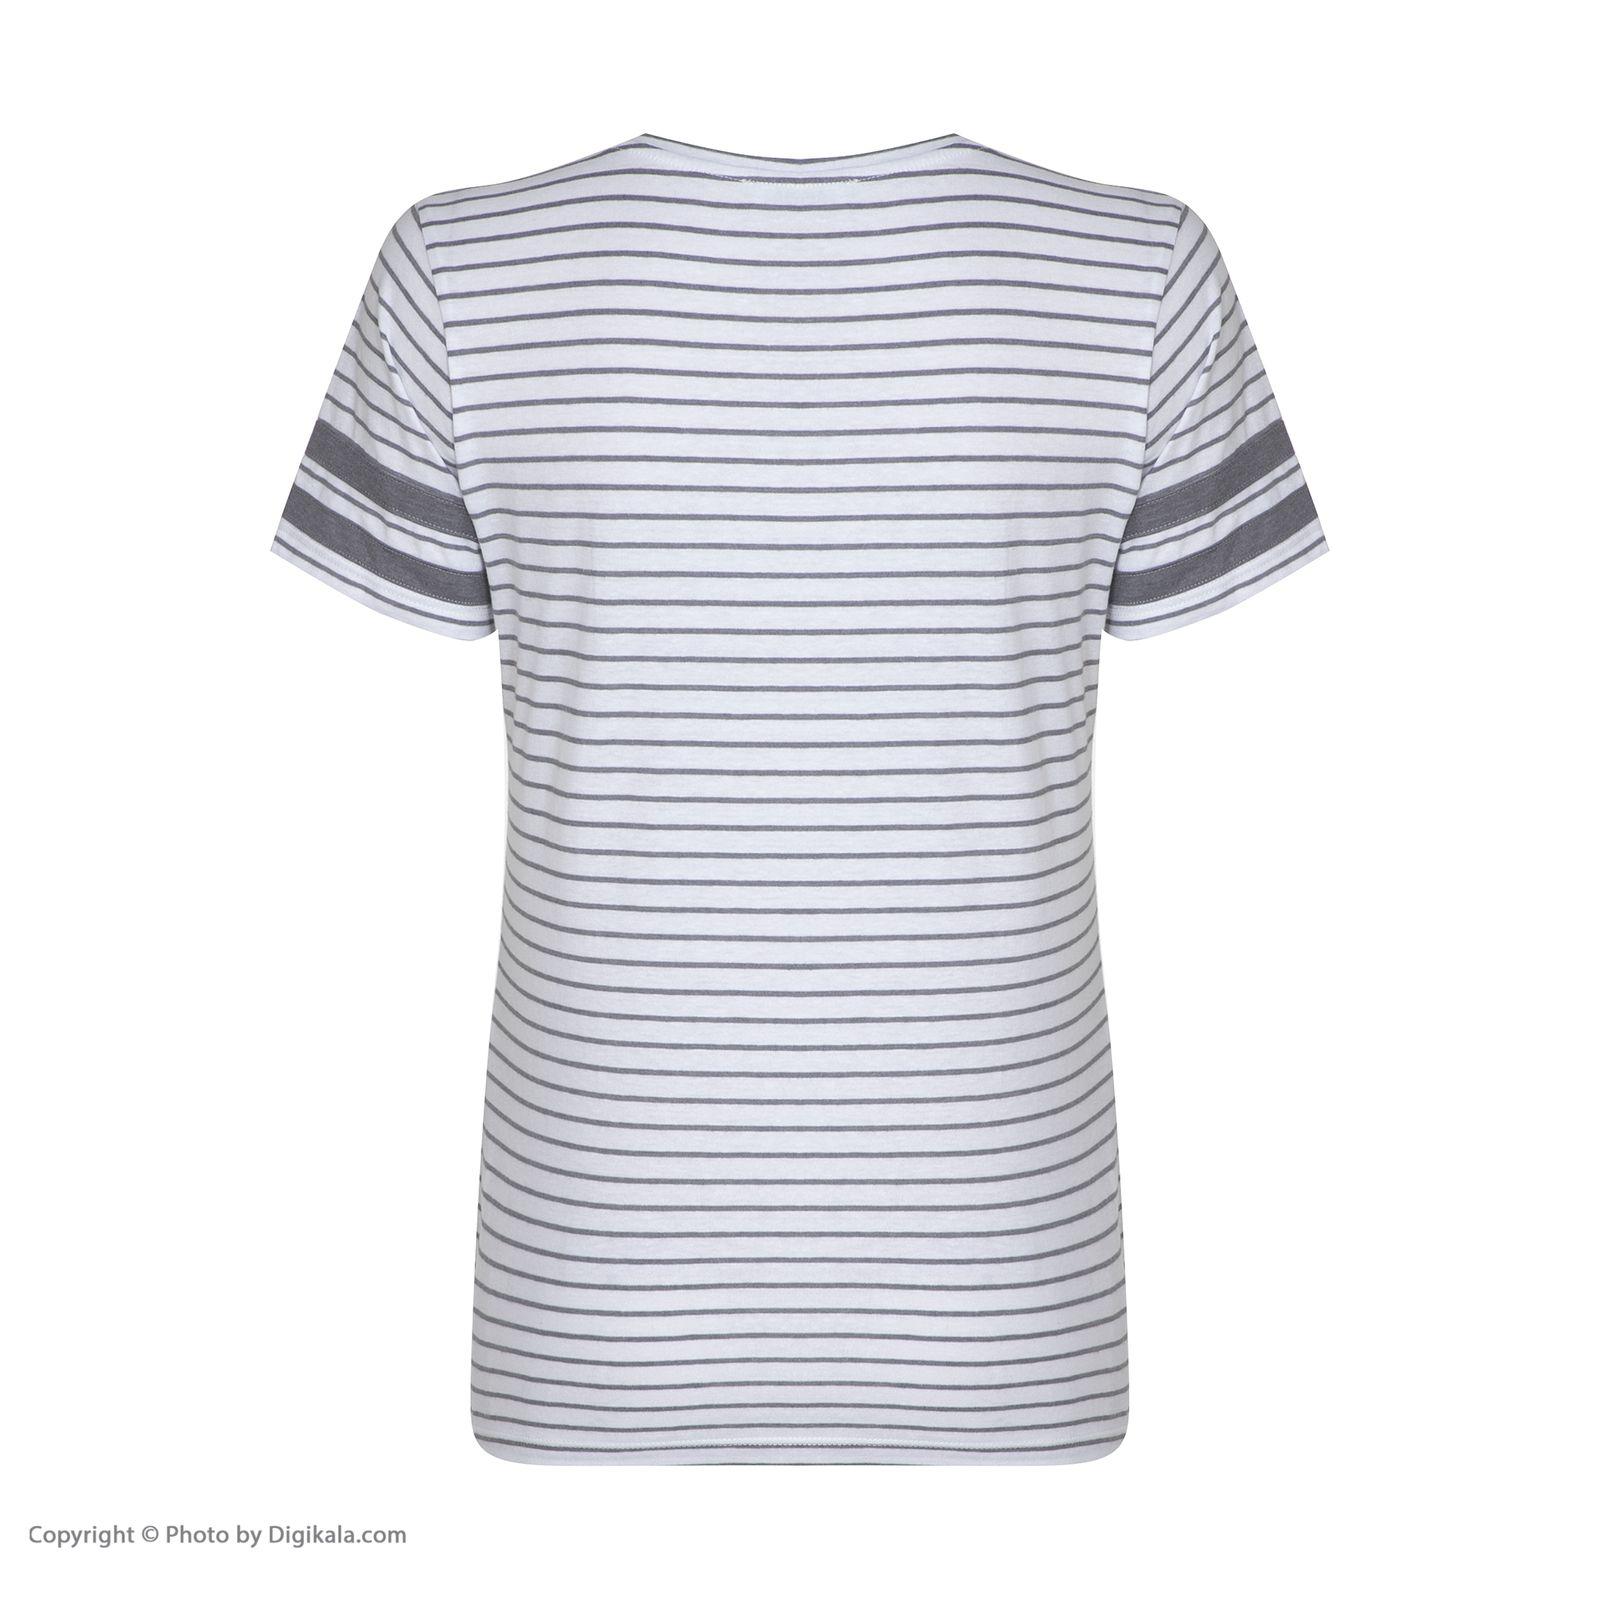 تی شرت زنانه کالینز مدل CL1032849-GREYMELANGE main 1 2